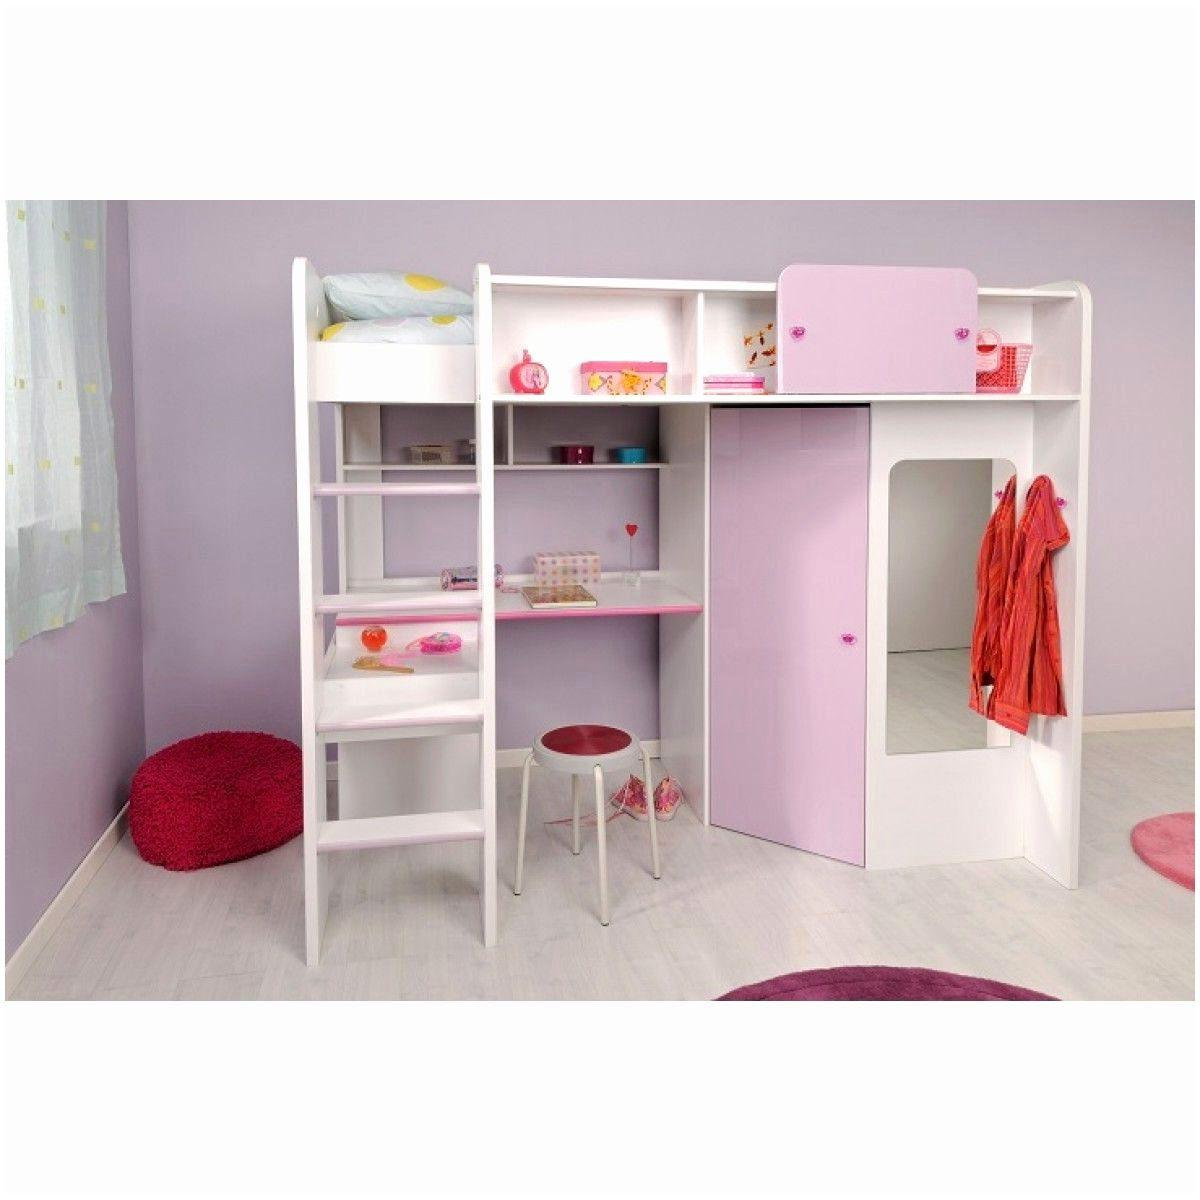 Enfant Lit Mezzanine Bel Lit Mi Haut Enfant Lit Mezzanine Design Lit Mezzanine Design Unique